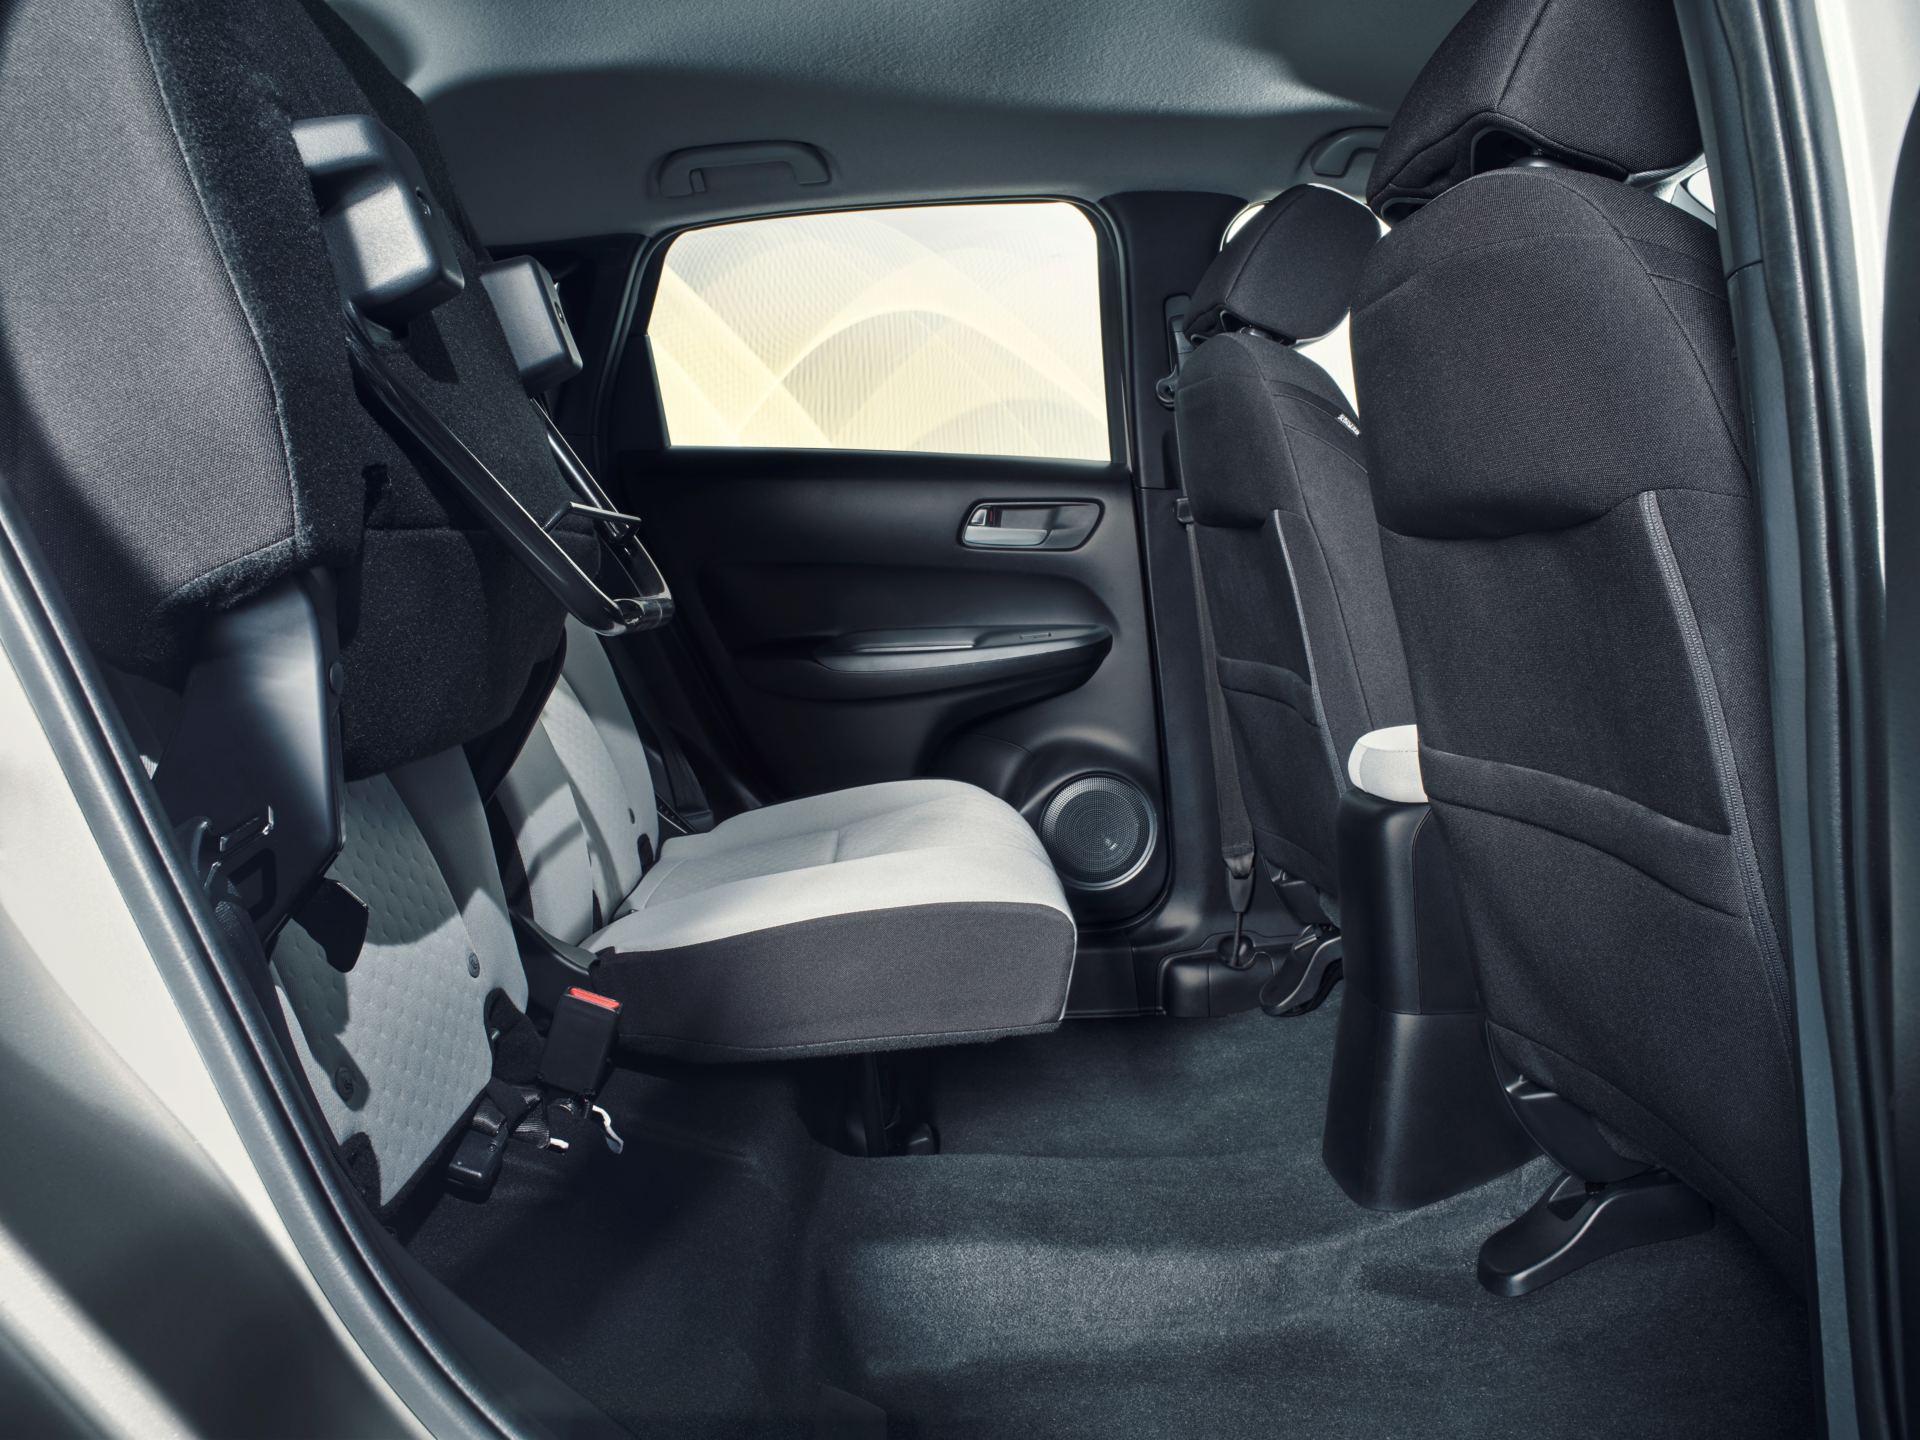 Système de pliage de la rangée arrière pour les sièges Honda Jazz et Honda Crosstar.  Honda Electric Vision